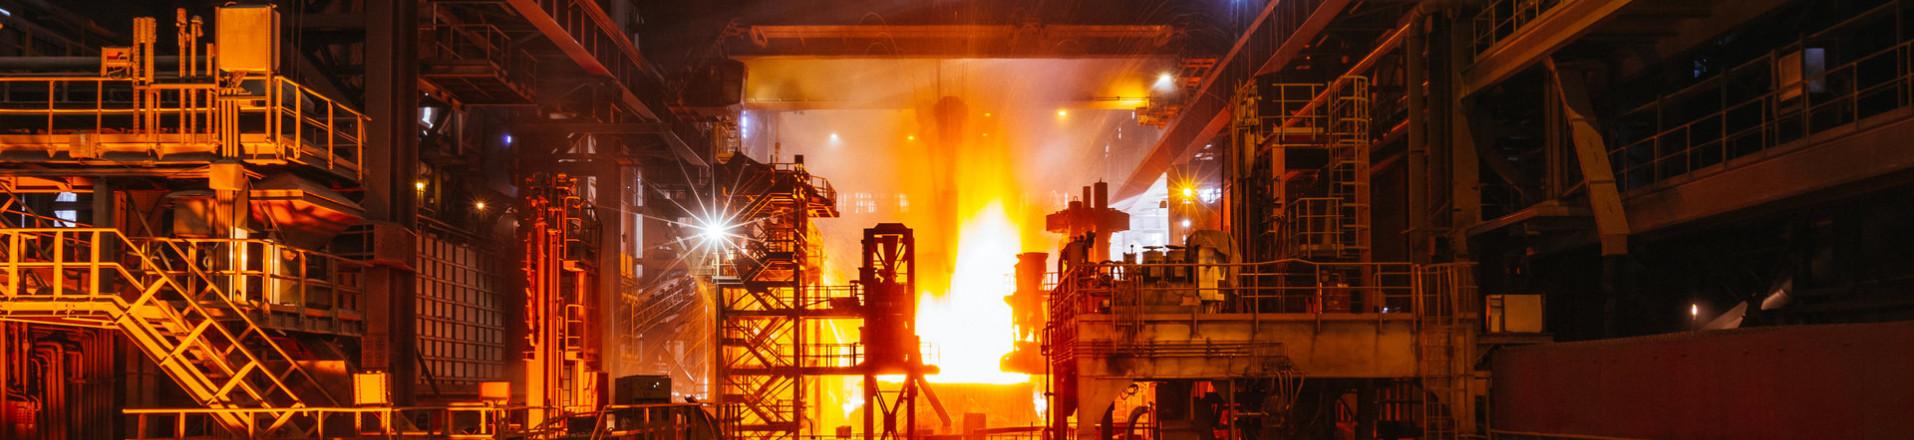 Металлургия — википедия. что такое металлургия